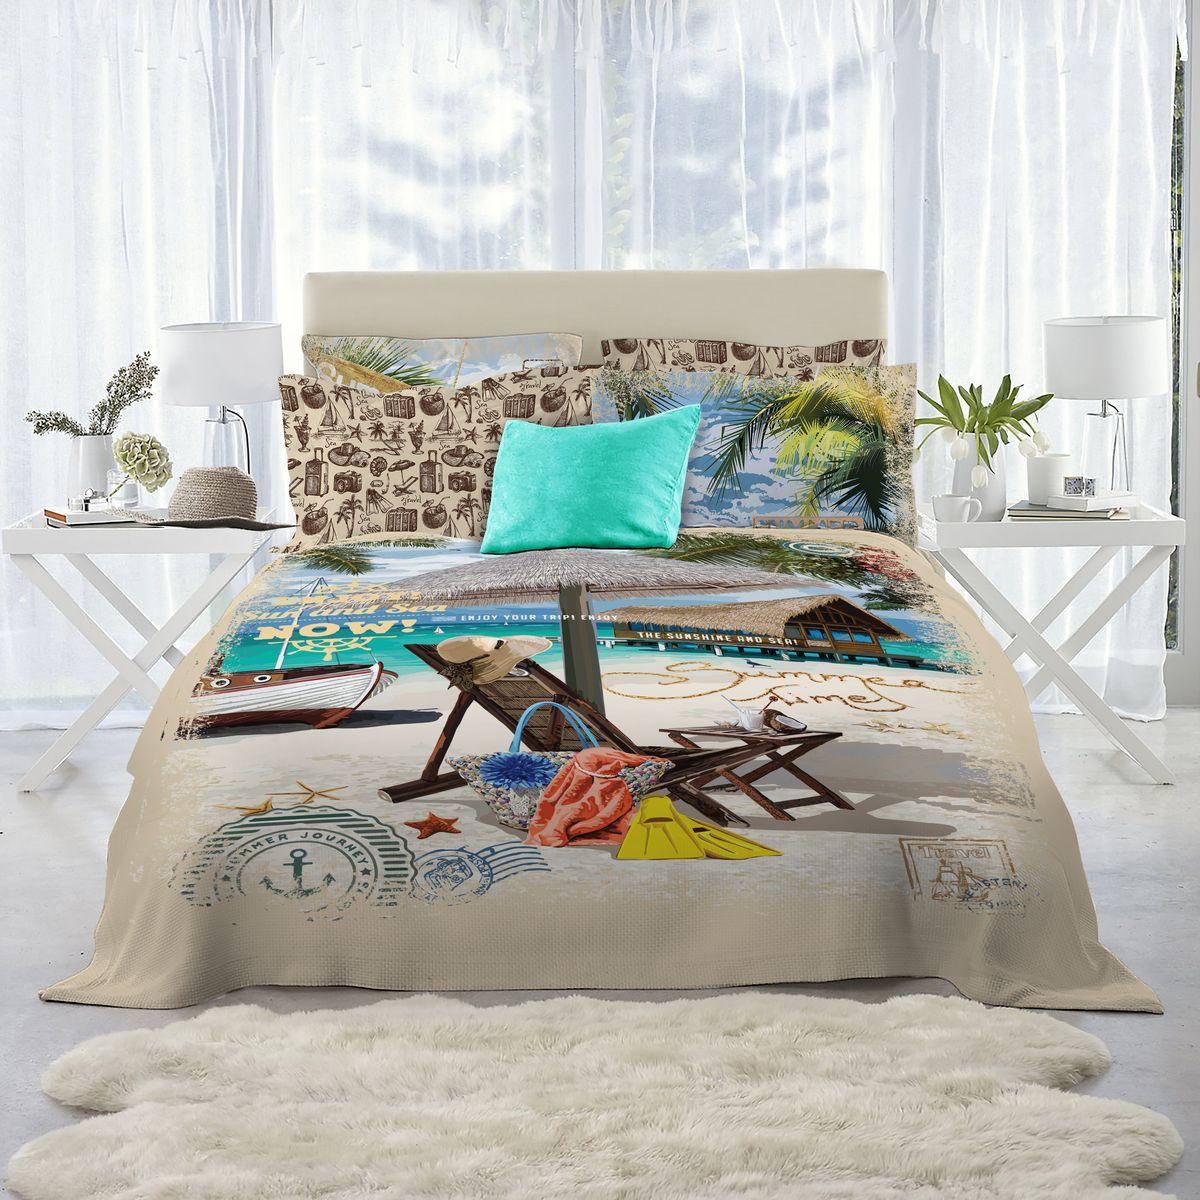 Комплект постельного белья Mona Liza Lounger, 2-спальный, наволочки 50х70, 70х70 adjustable rattan sun lounger patio garden beach lounger transport by sea